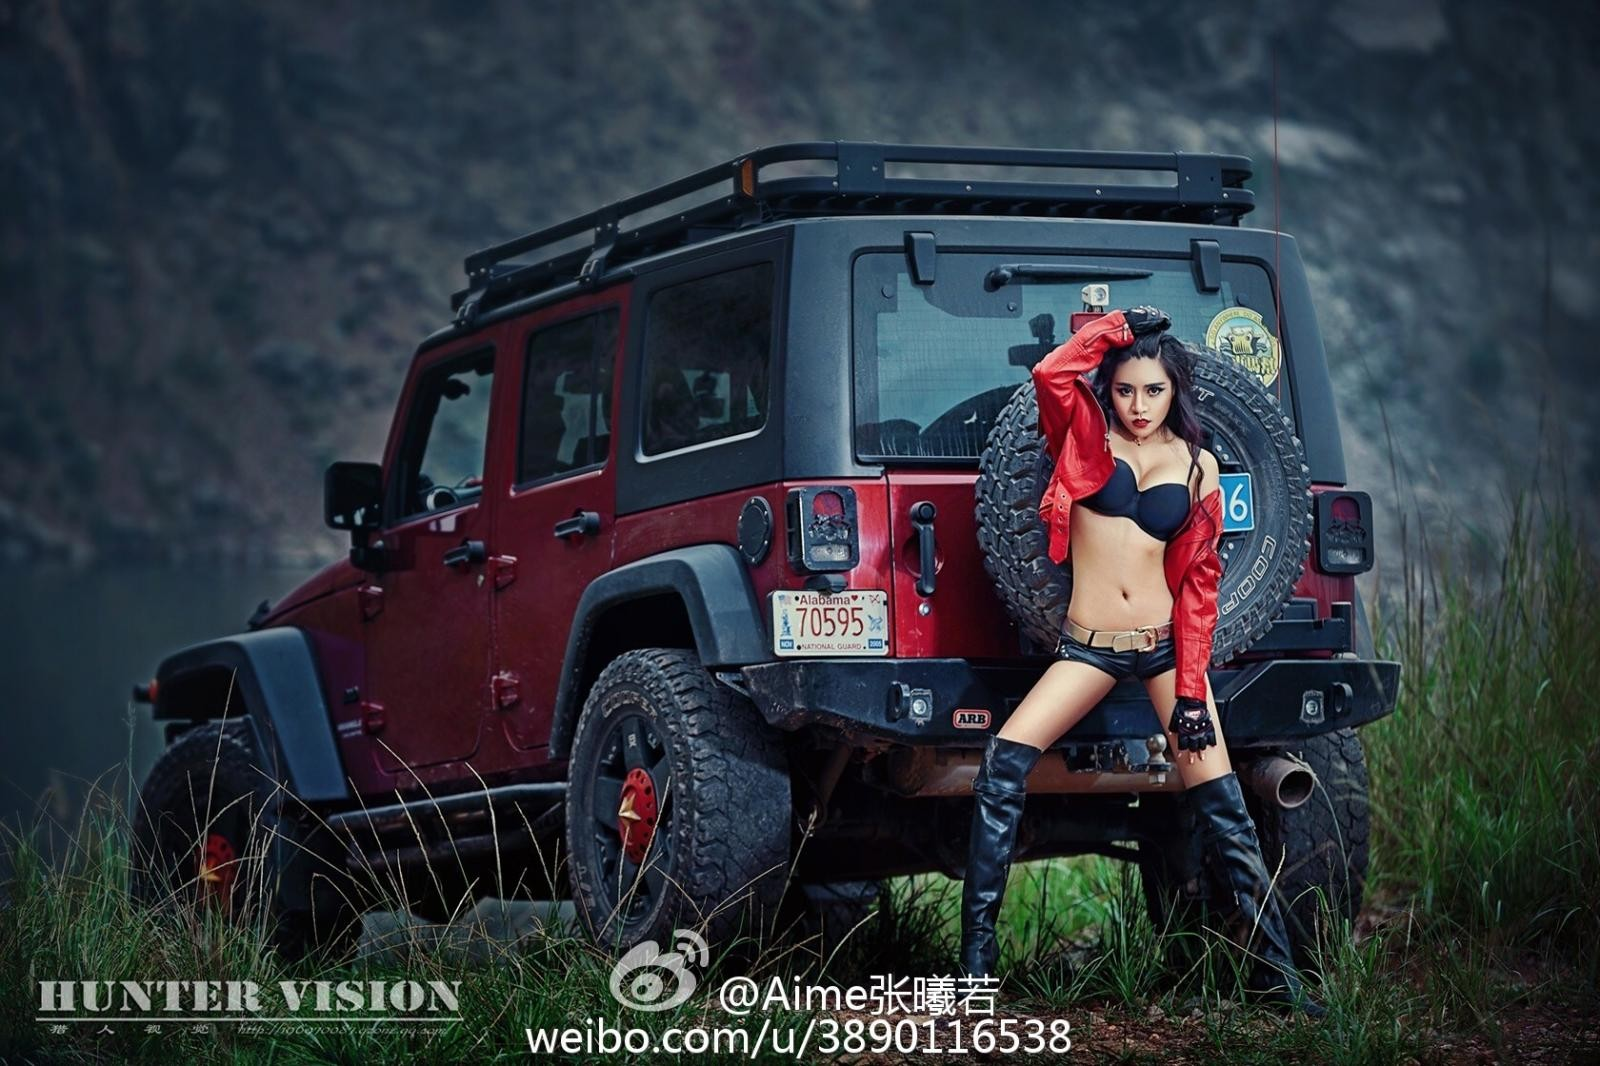 Người mẫu gốc Hoa thể hiện cá tính, khoe vẻ gợi cảm bên Jeep Wrangler - 2